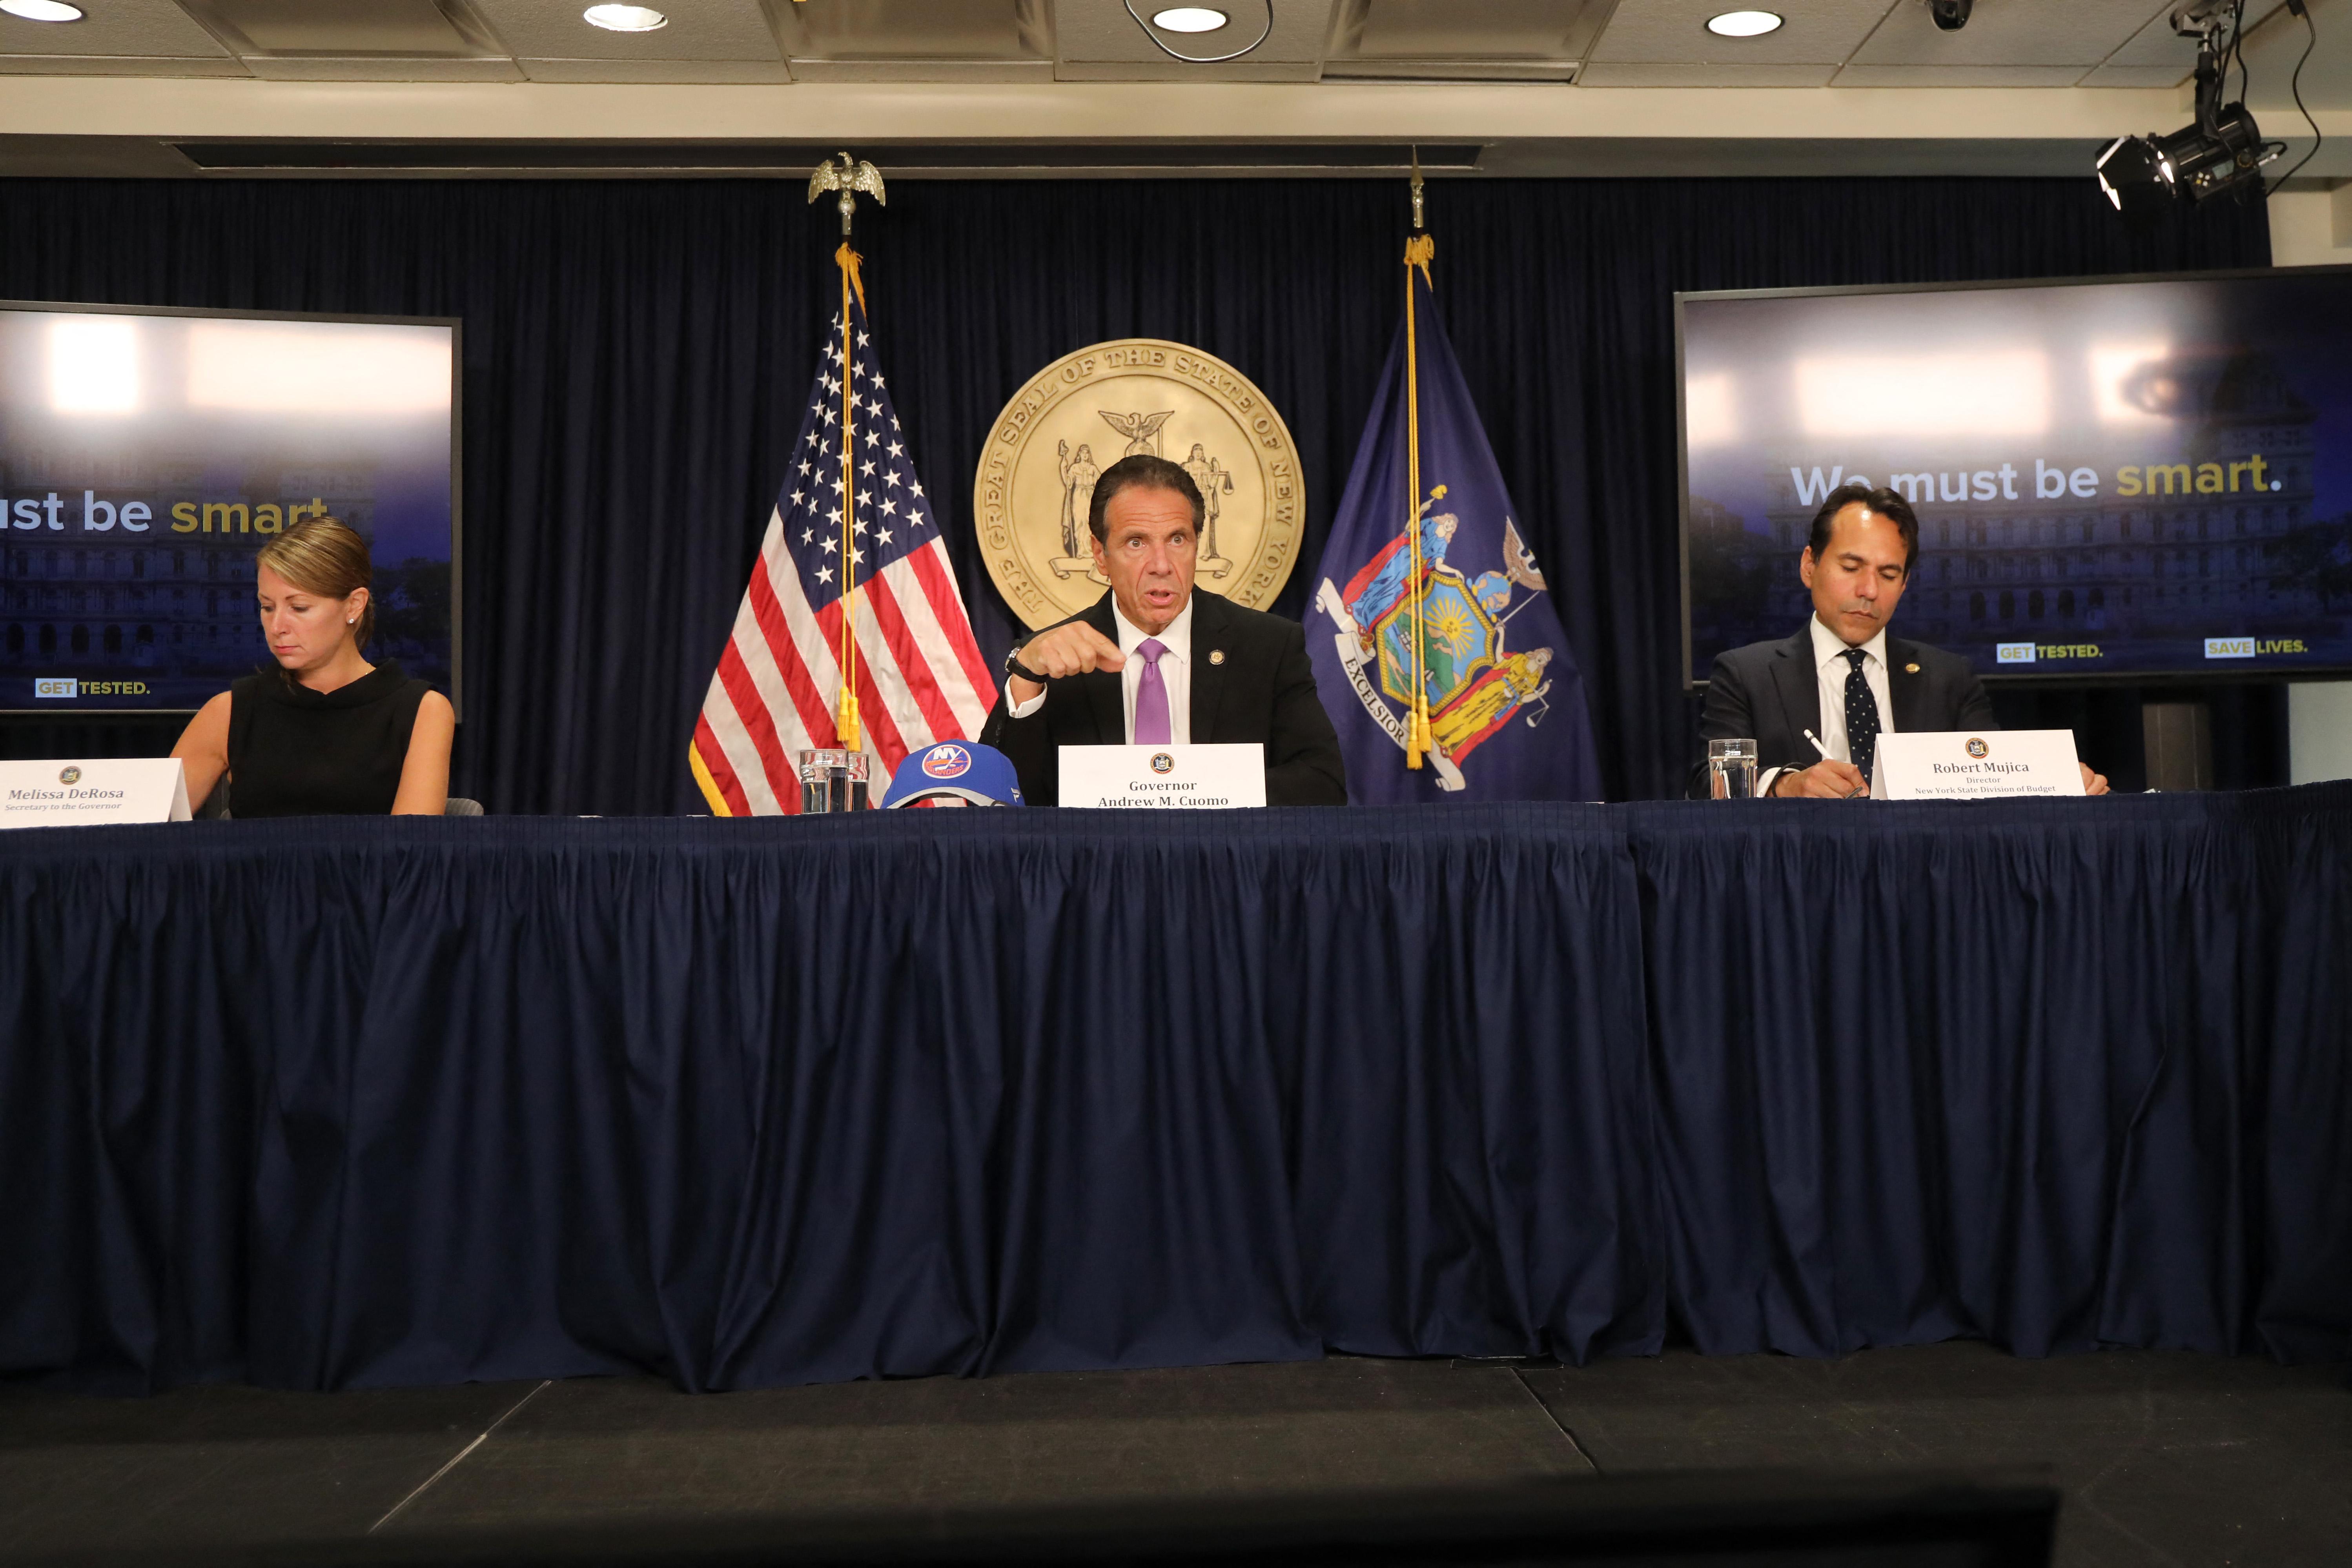 Cuomo stábjának vezetője már lemondott, a szexuális zaklatással vádolt kormányzó továbbra is a helyén